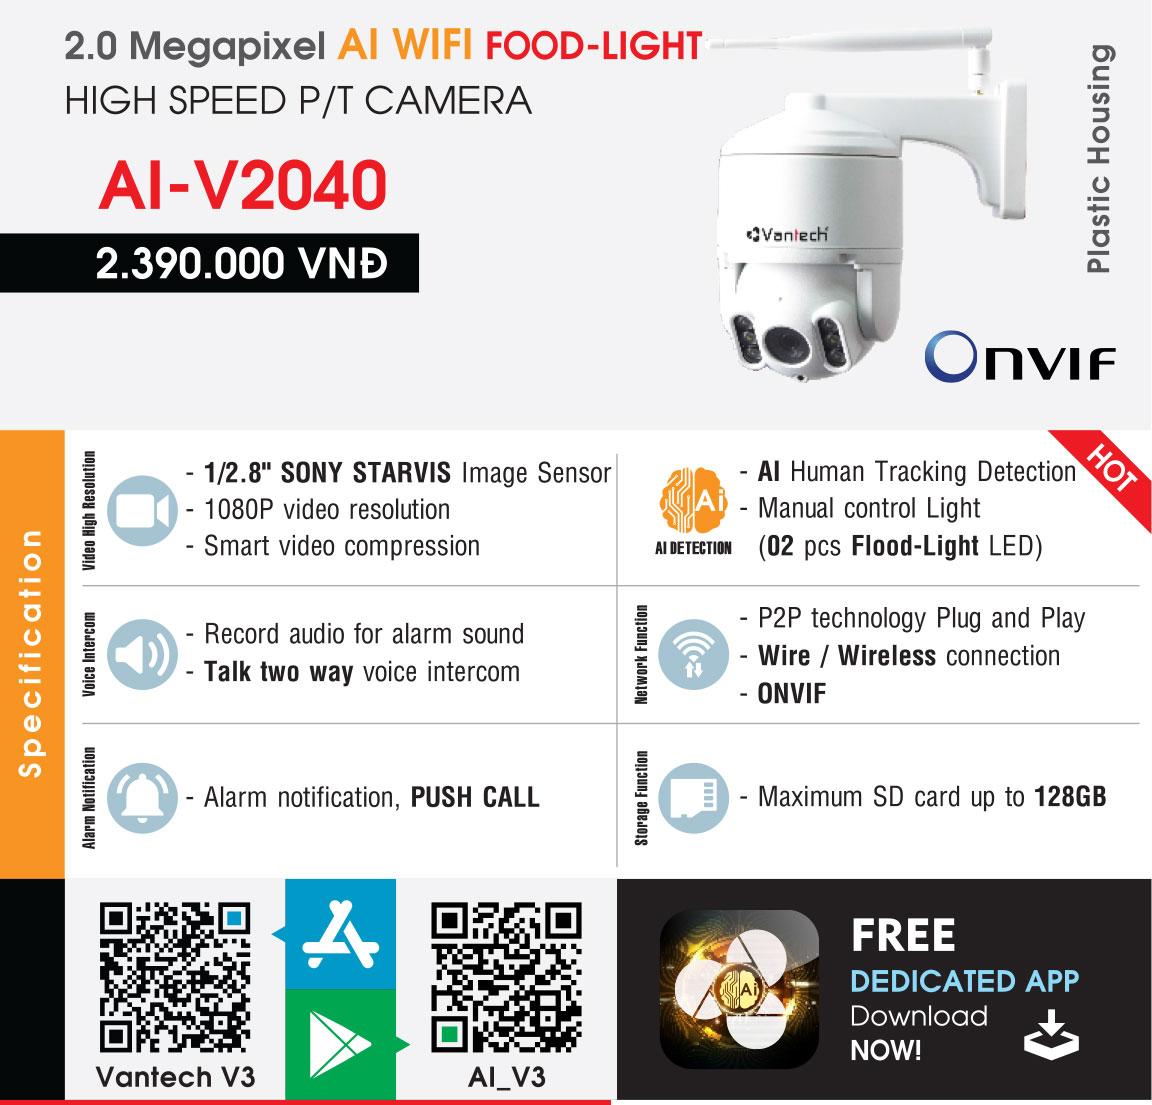 AI-V2040